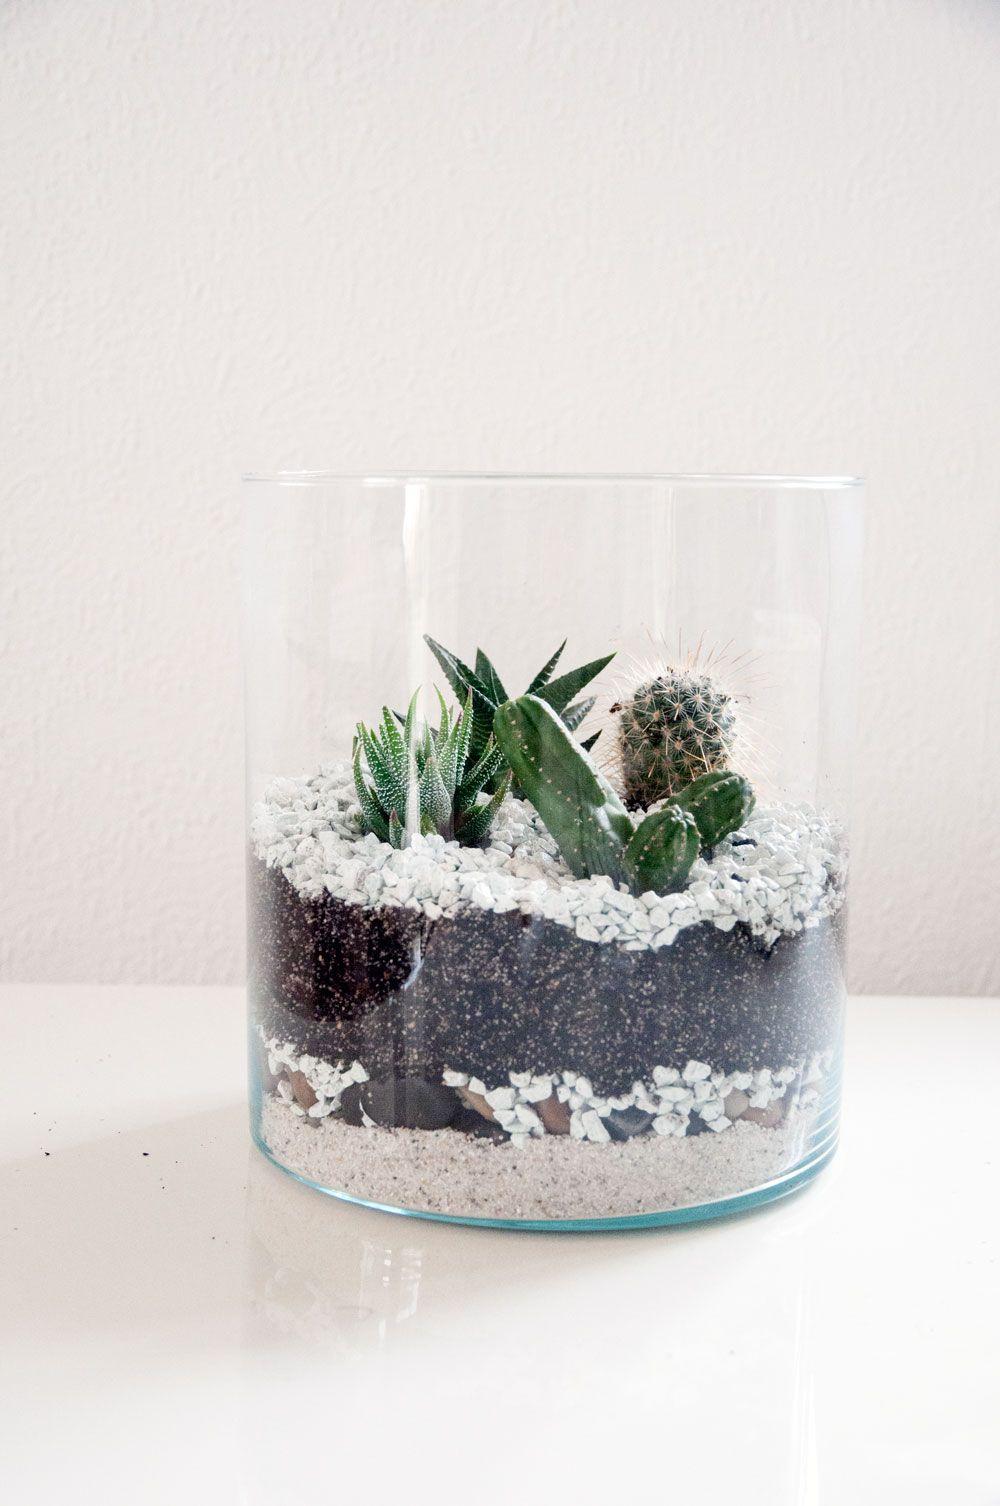 pin von mek auf home decoration in 2018 pinterest selbstgemachte dekoration pflanzen und. Black Bedroom Furniture Sets. Home Design Ideas